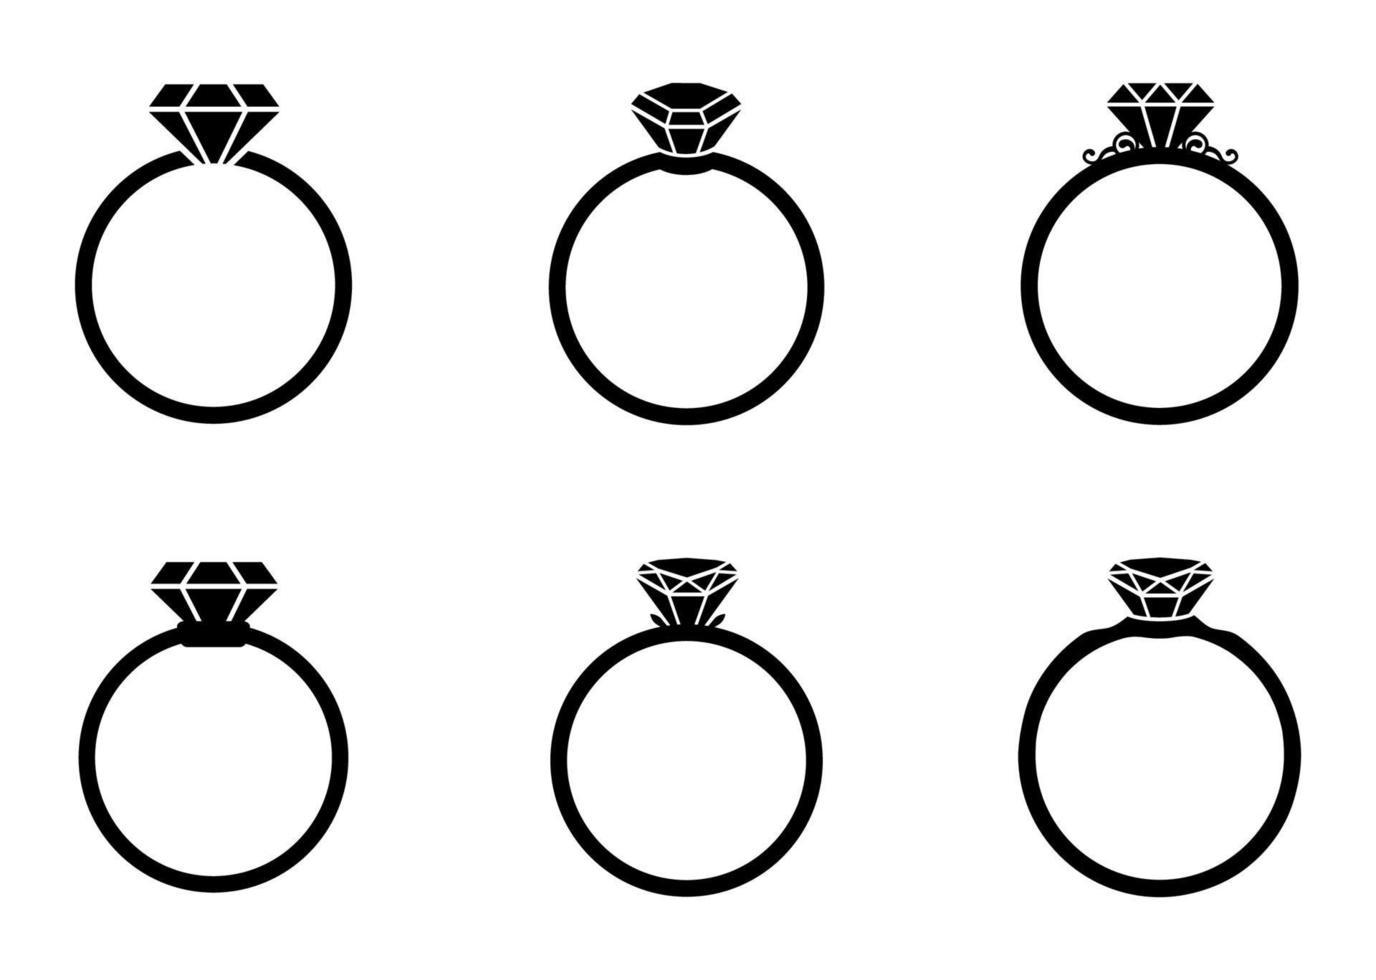 conjunto de ícones de anel de diamante - ilustração vetorial. vetor